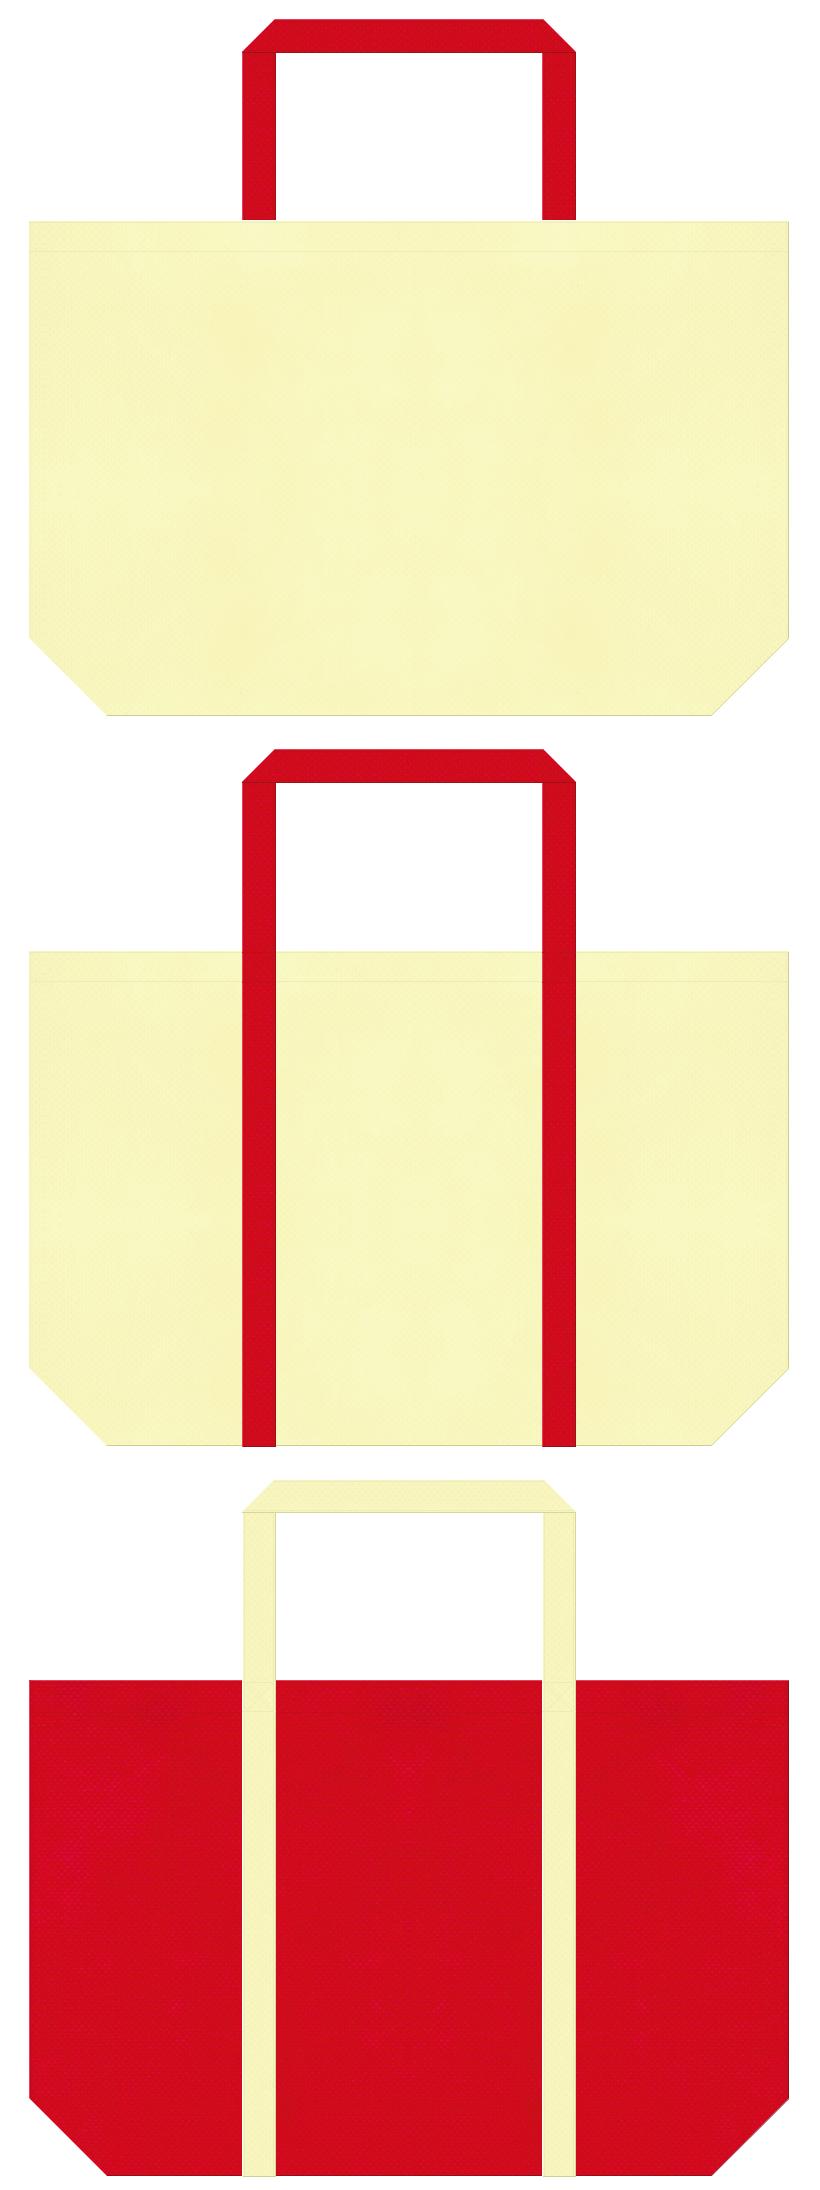 薄黄色と紅色の不織布マイバッグデザイン:ピザ風の配色です。